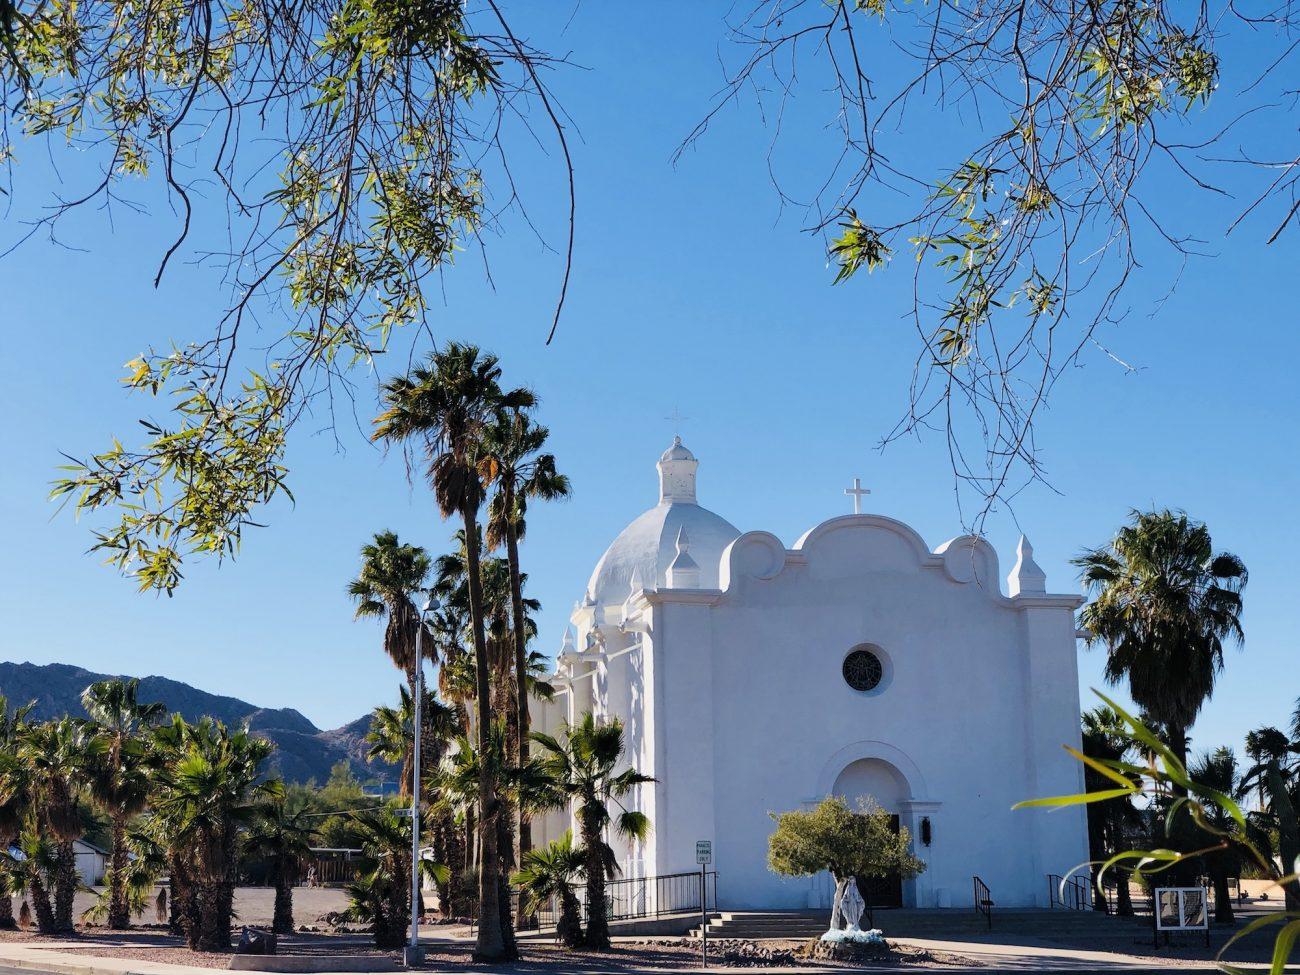 Church in downtown Ajo, AZ